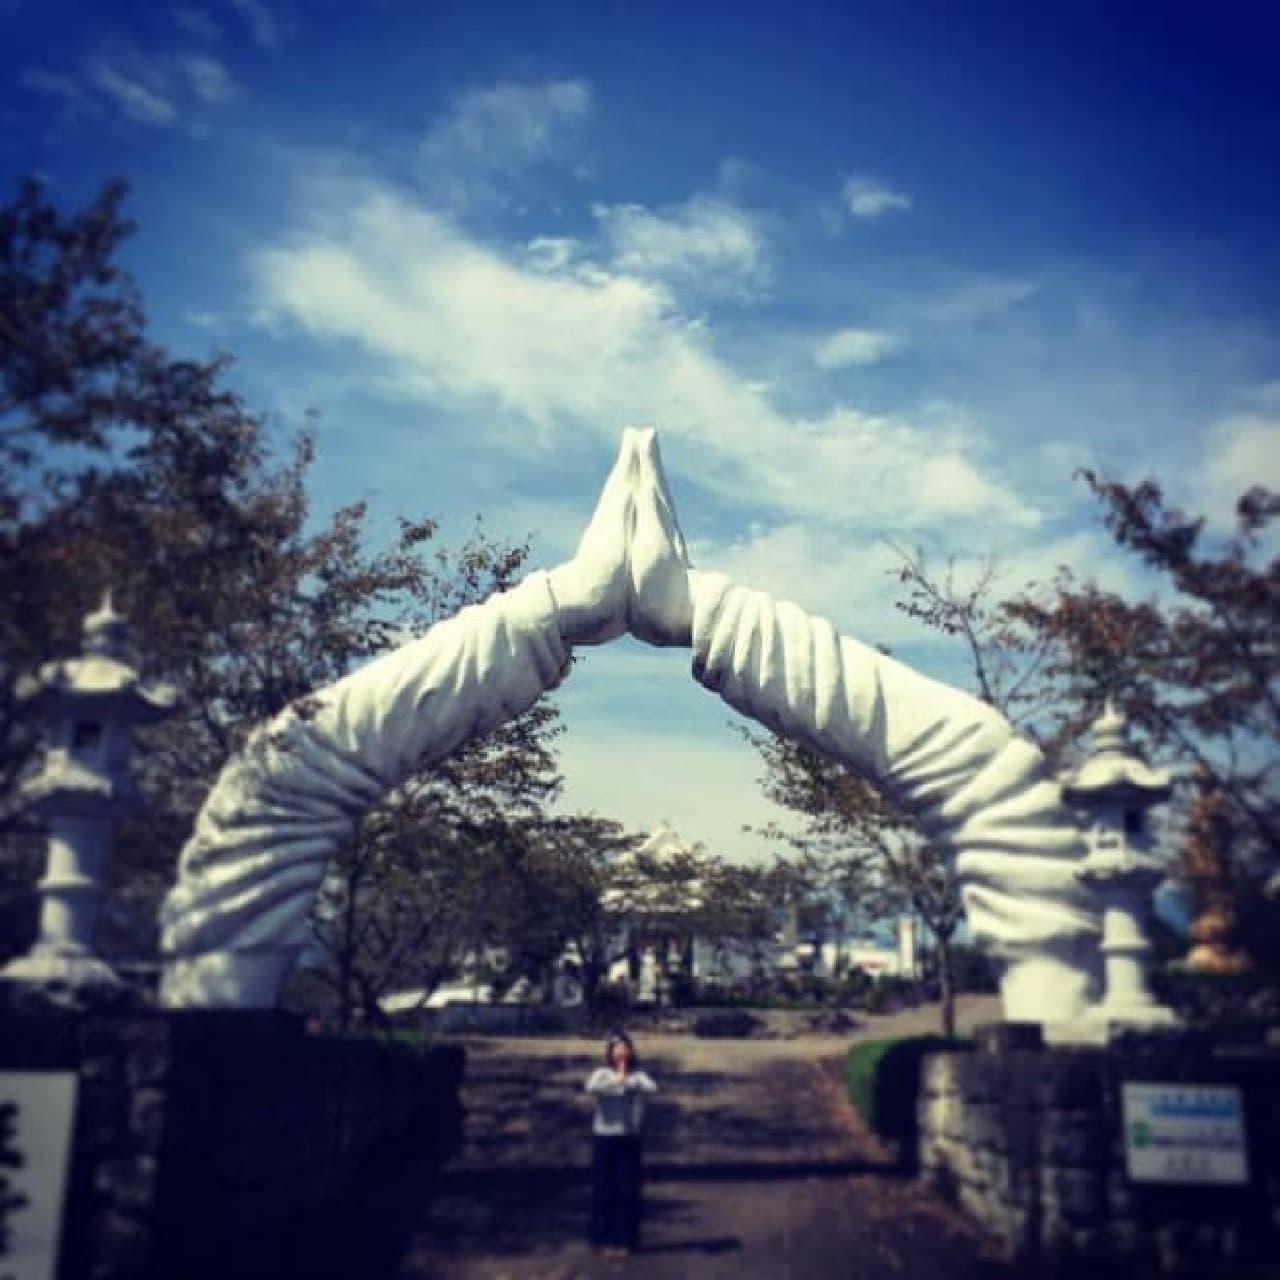 鳥居が合掌した手になっている大分県の「正雲寺」